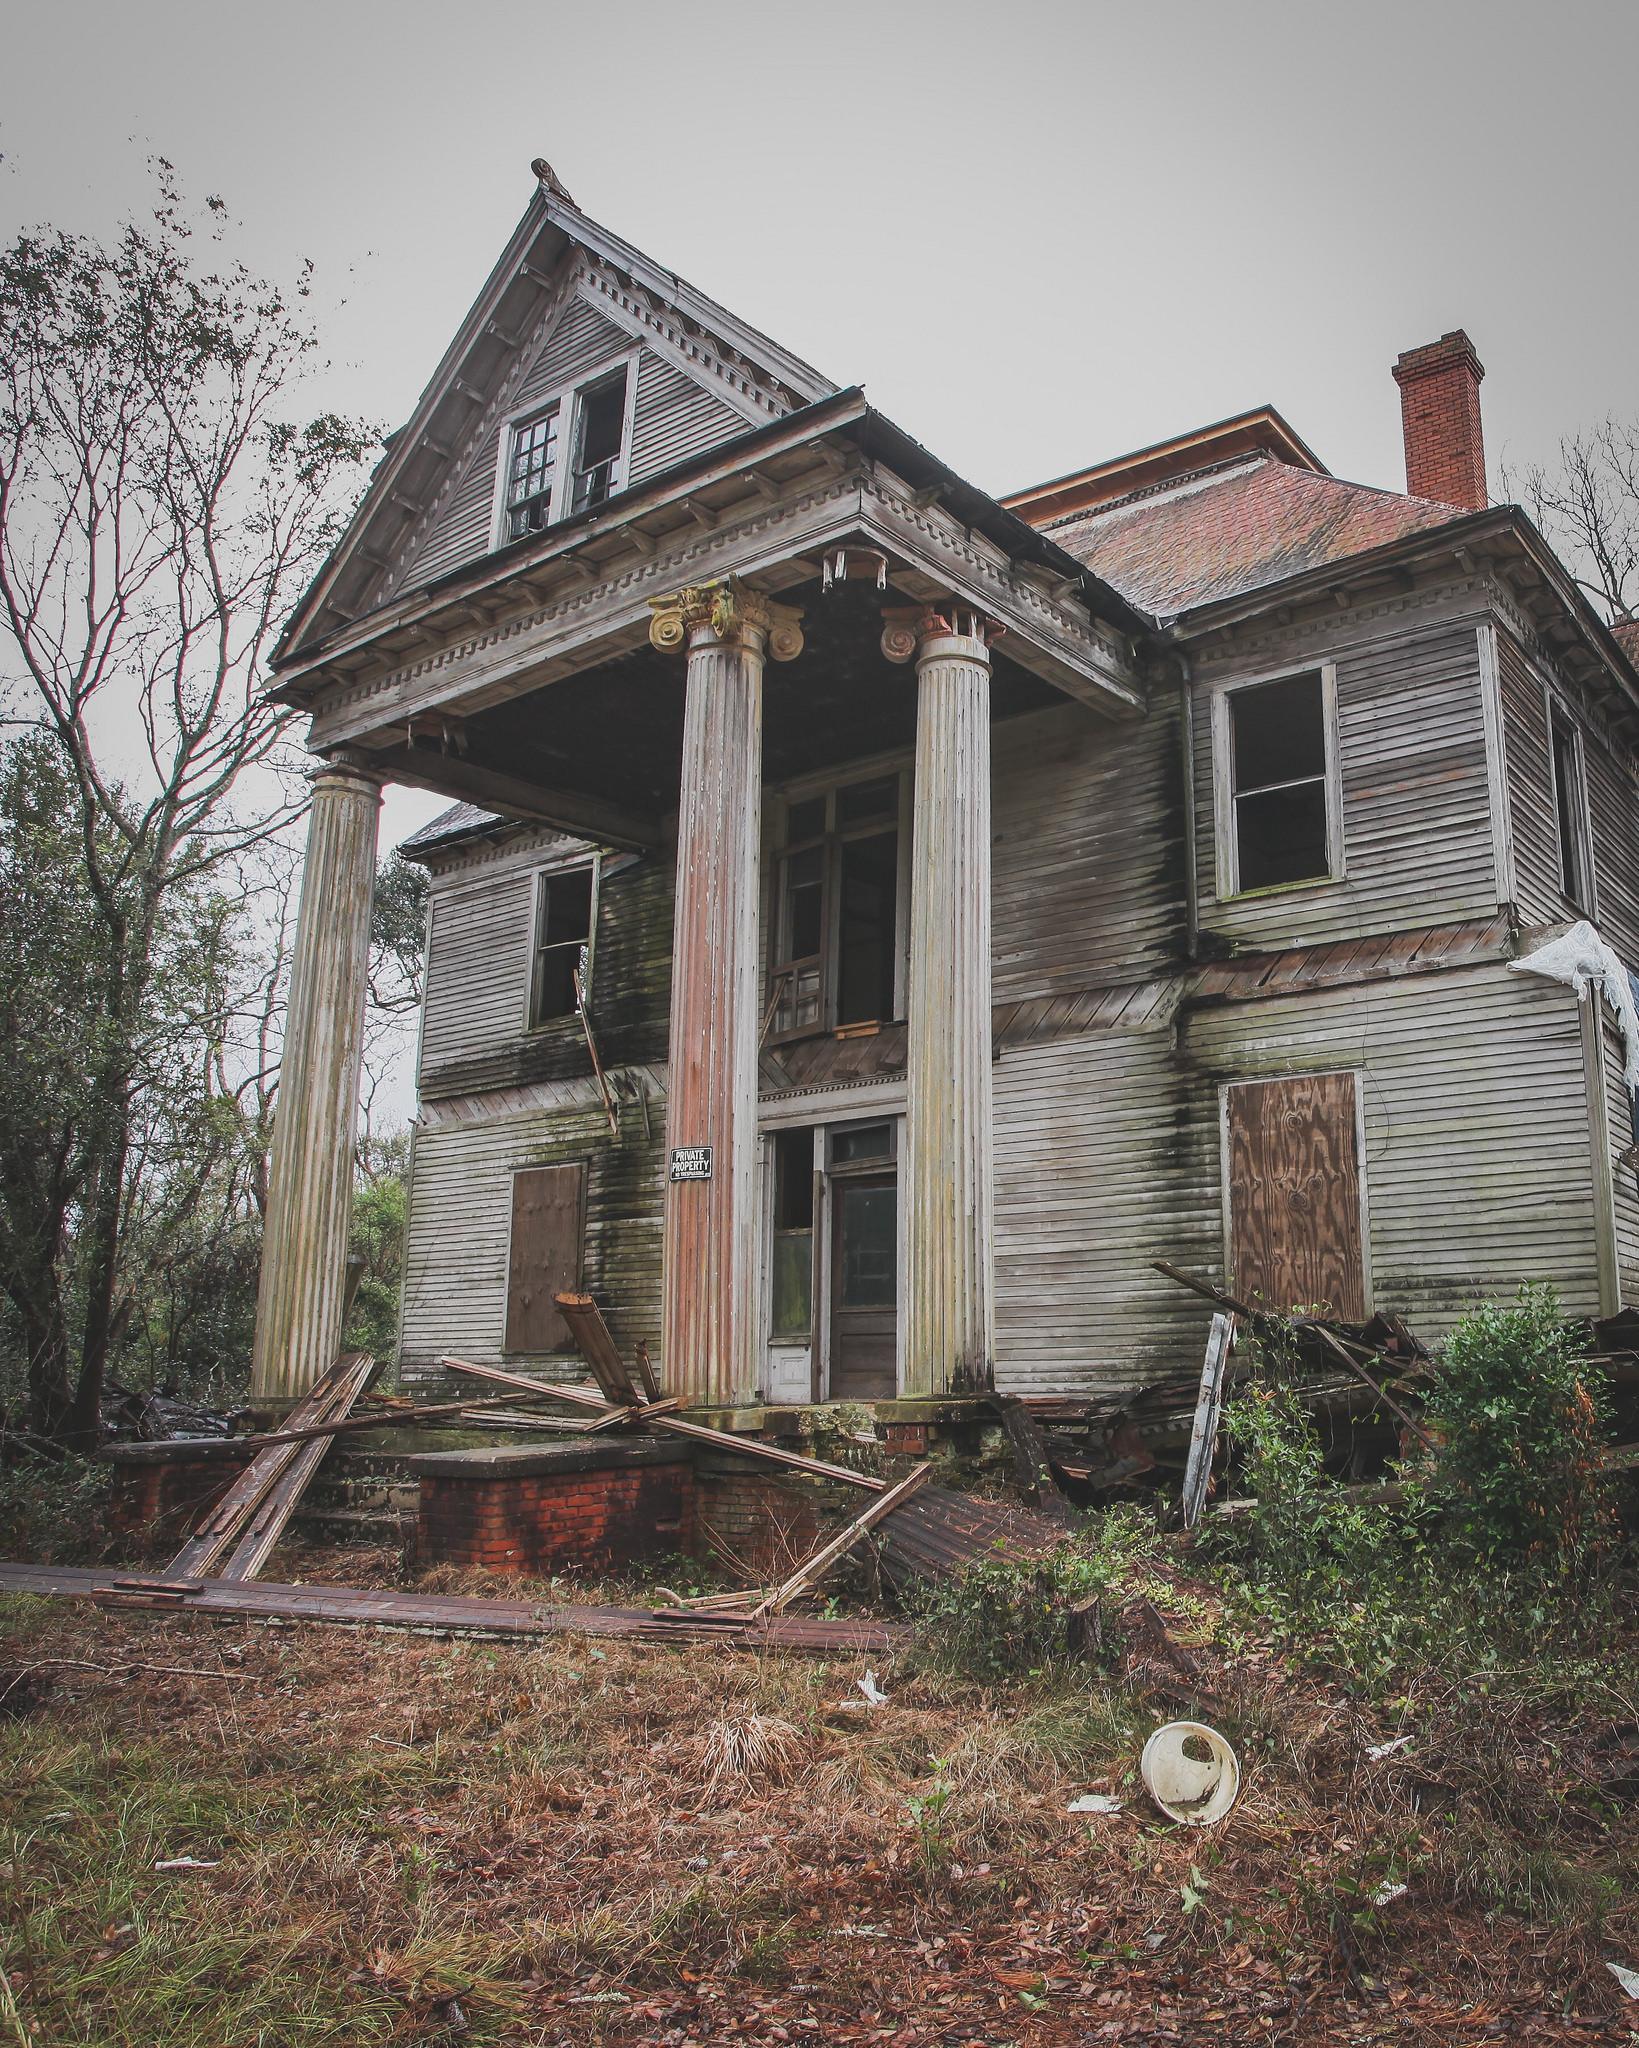 McRainey House